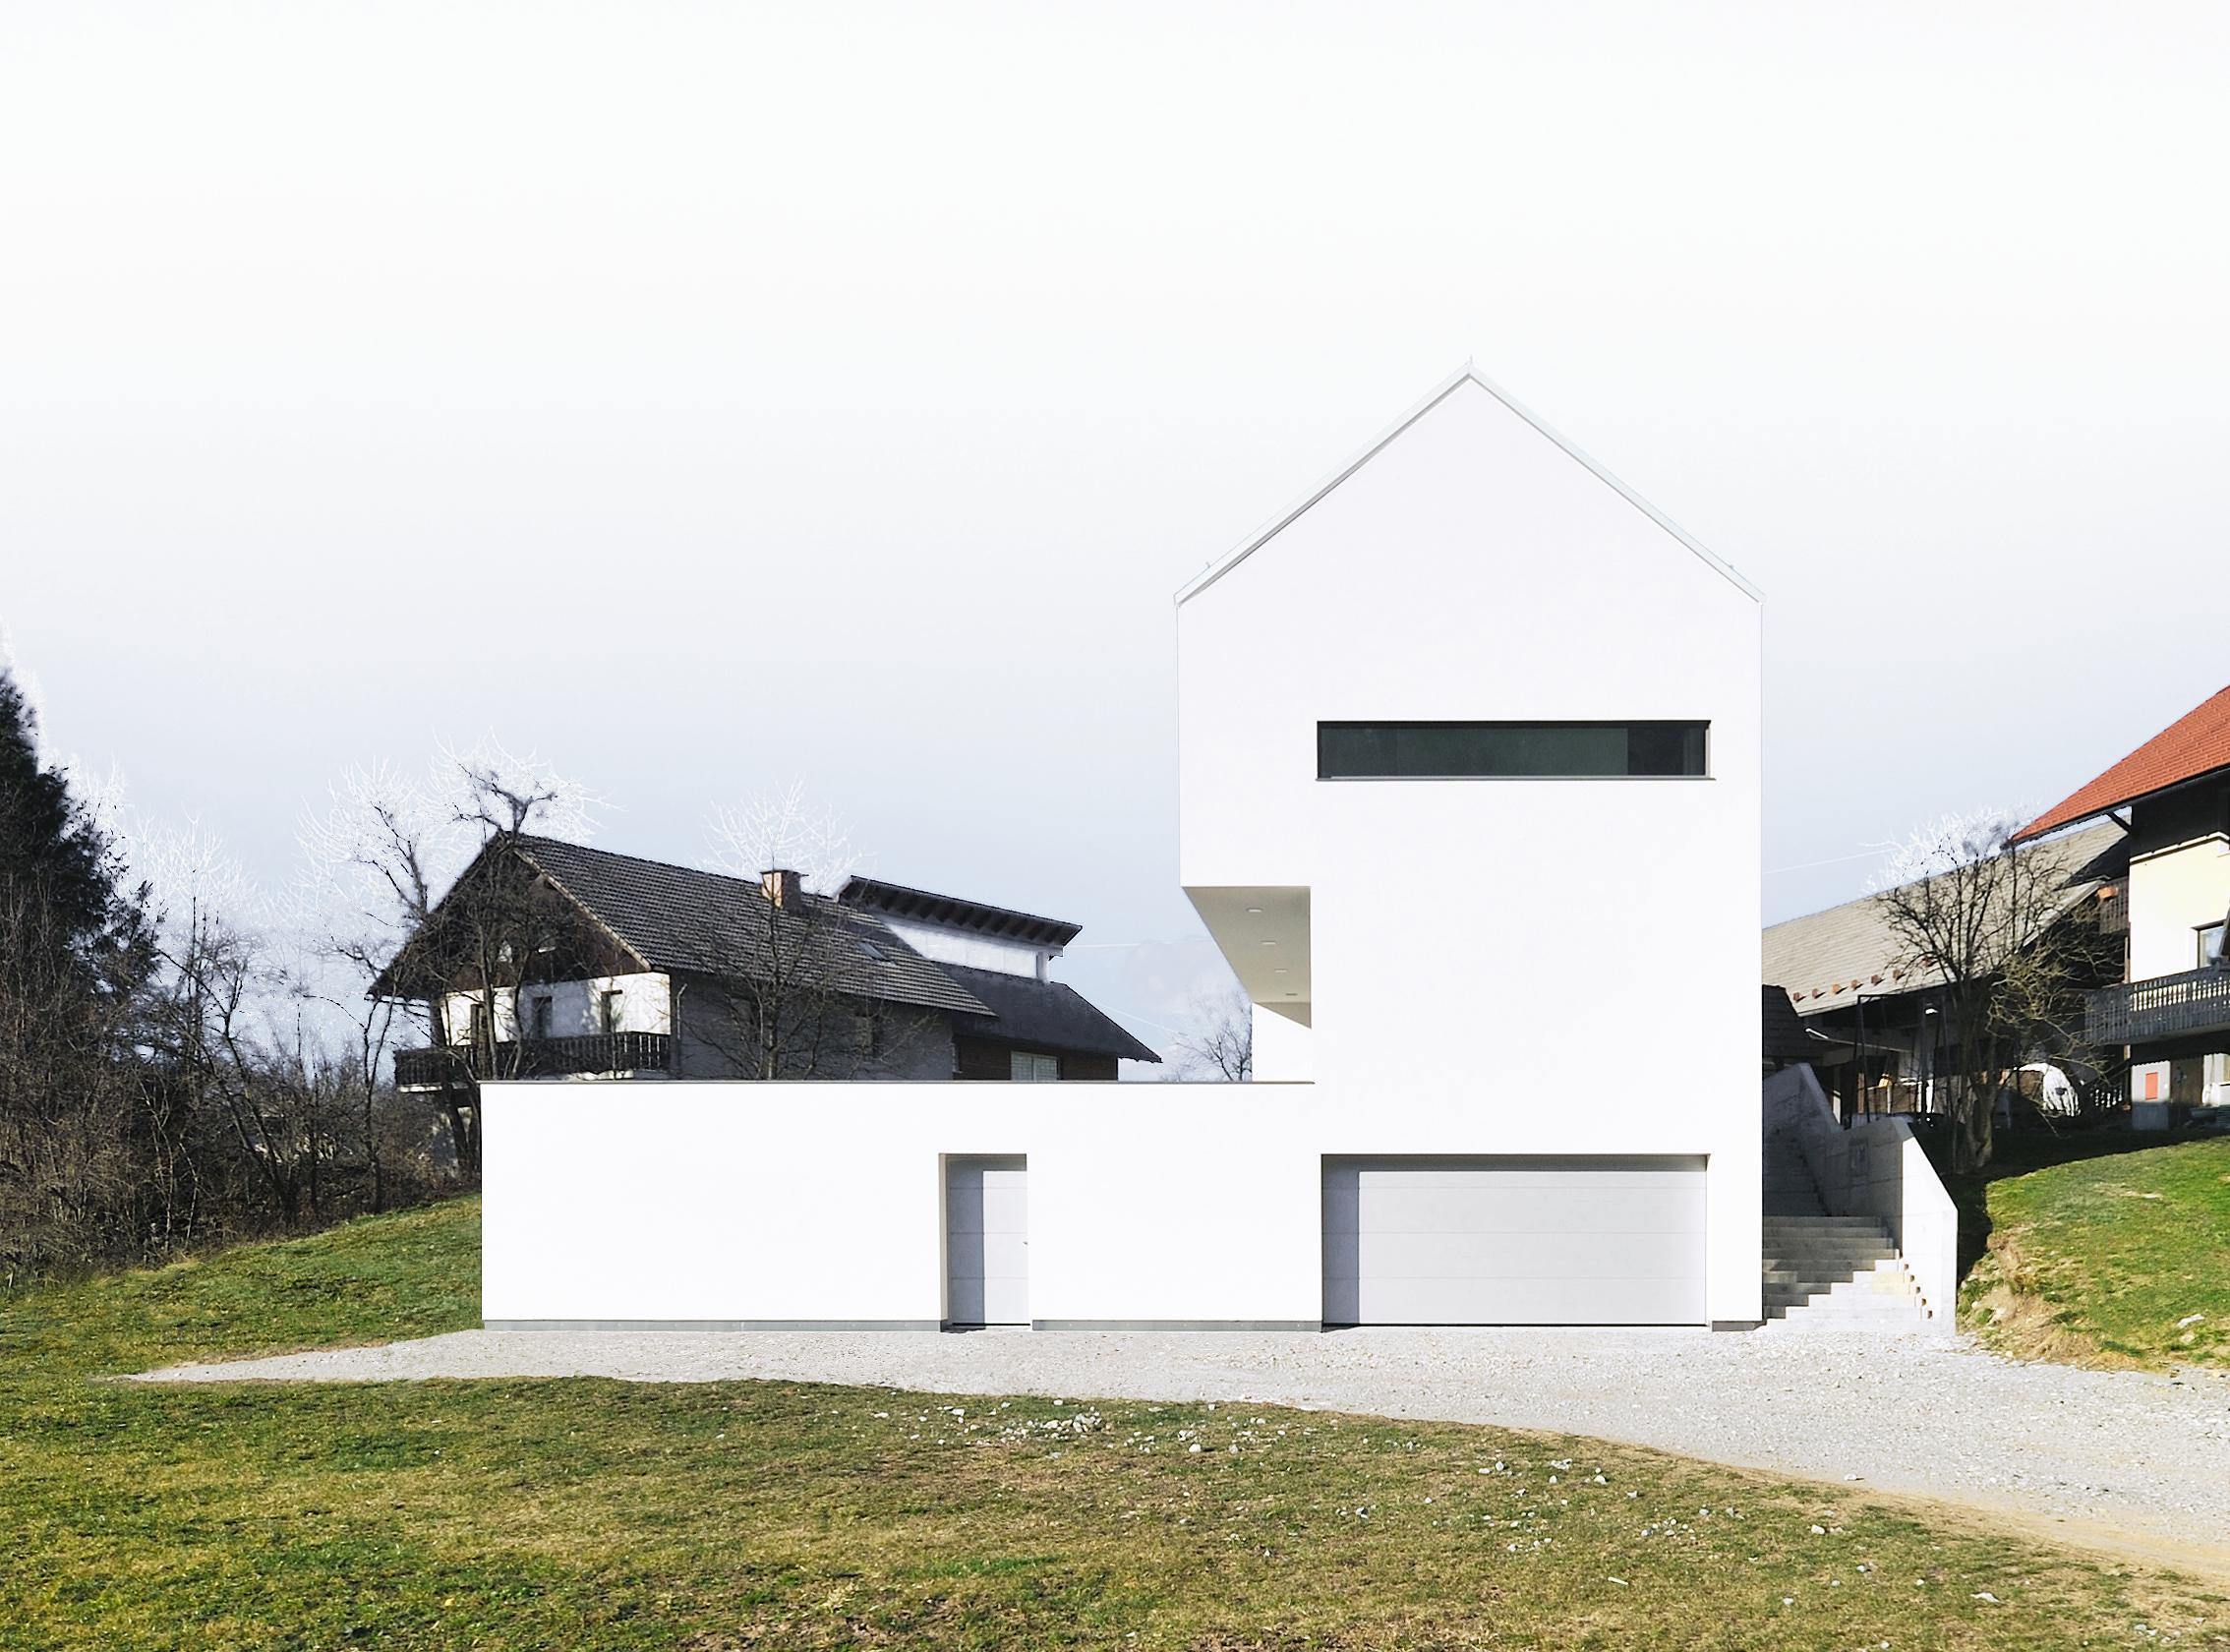 HOUSE SUHA, Škofja Loka (SI), Completed, 2012